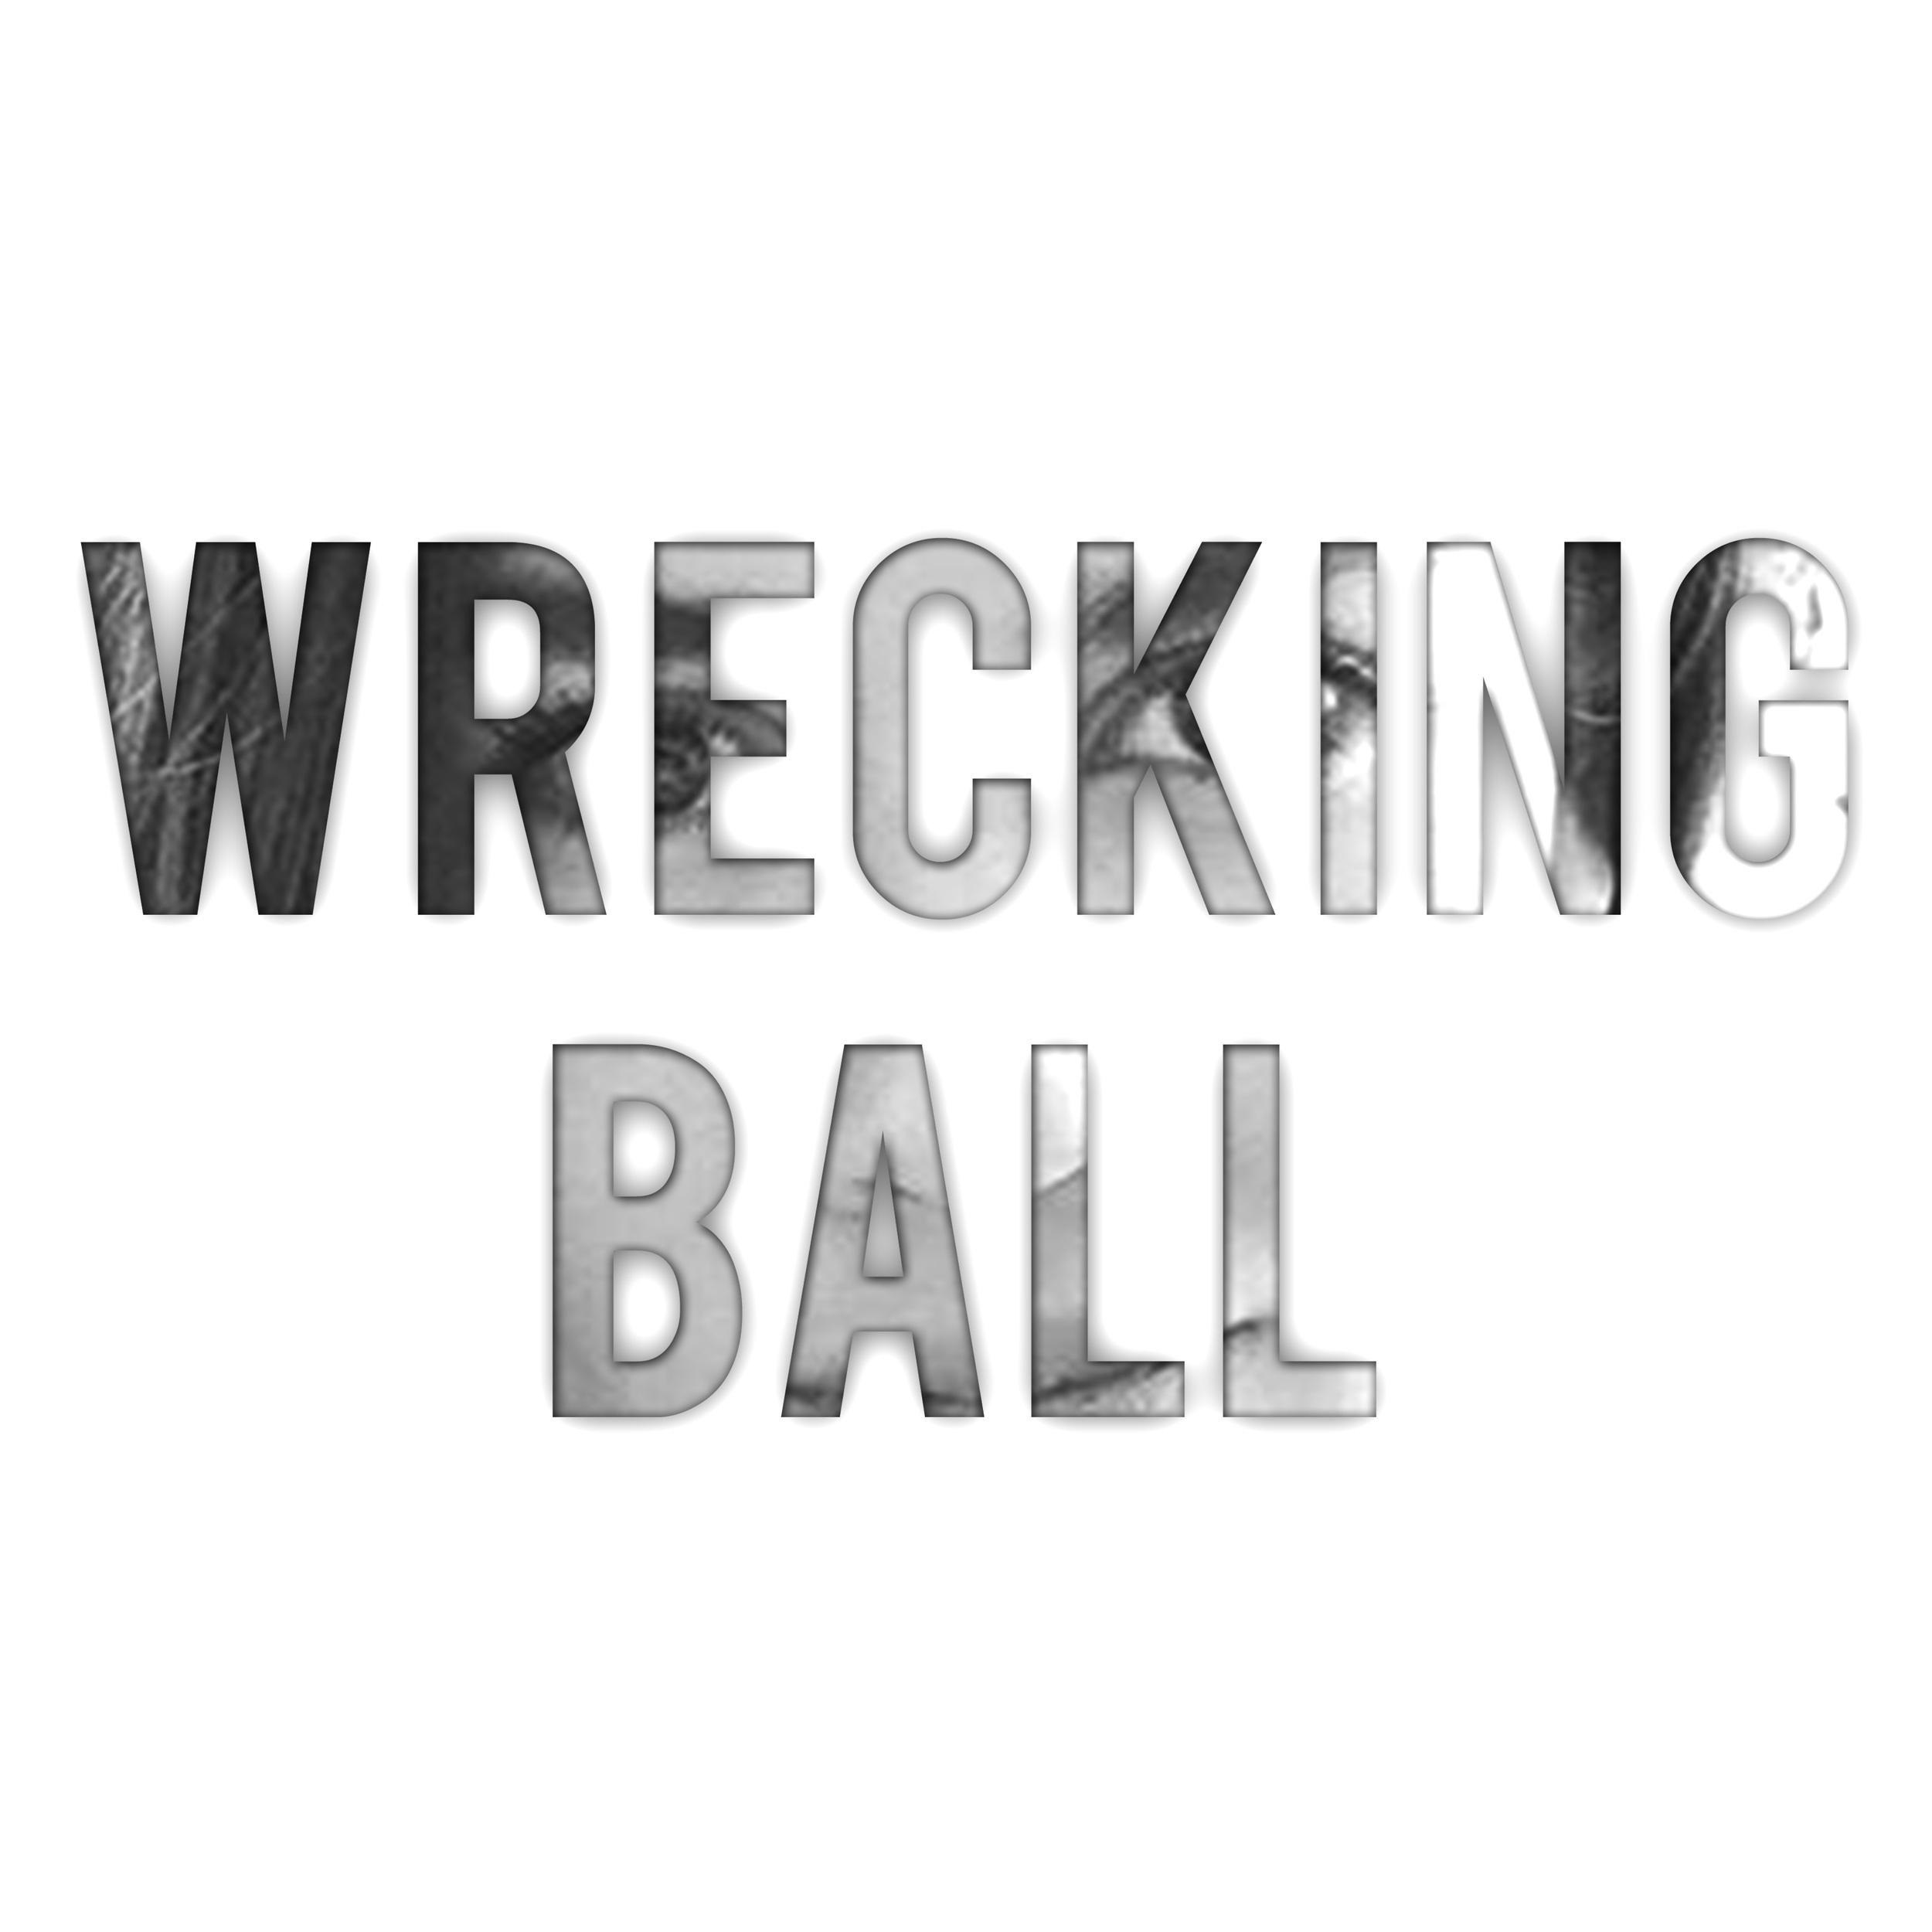 Wrecking.jpg